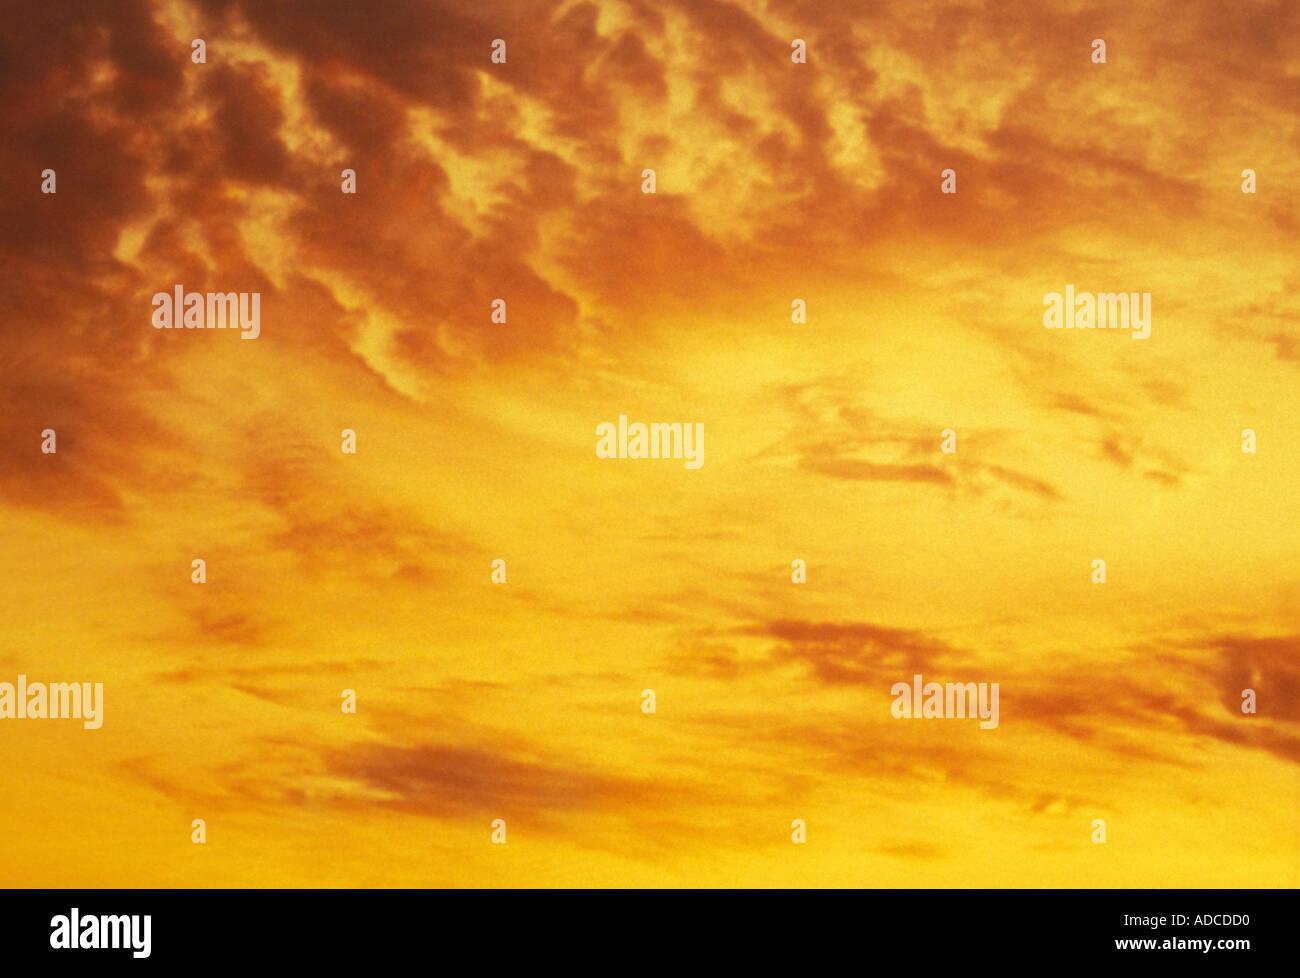 Wolken gelb Sonnenuntergang Himmel Stockbild